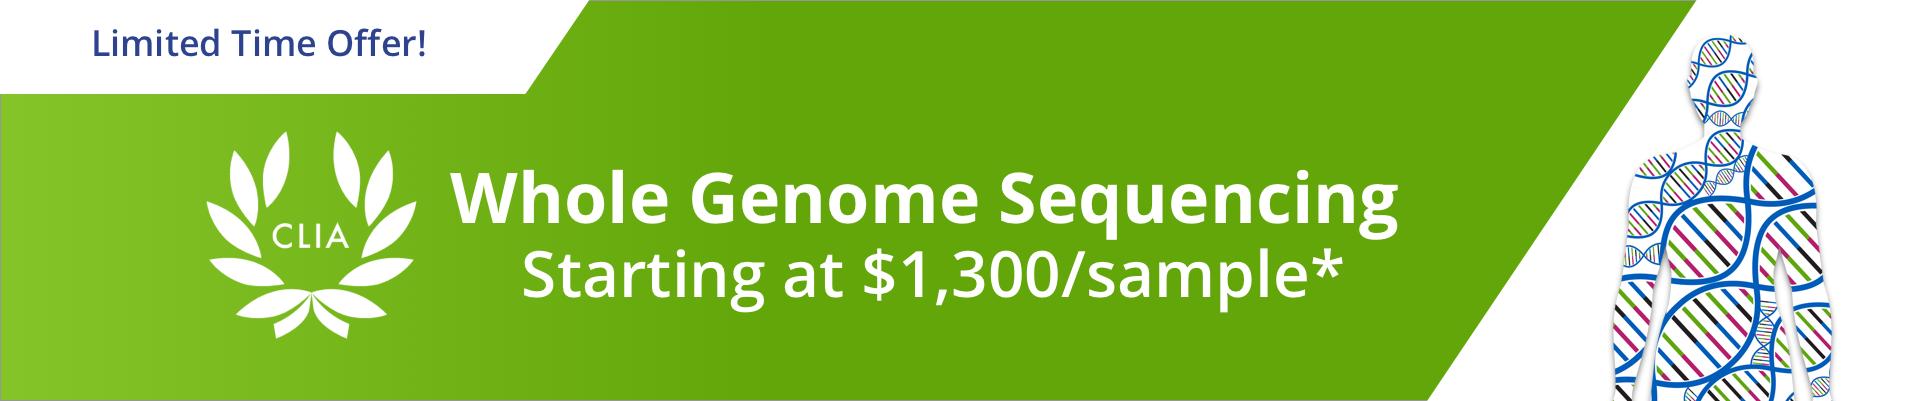 CLIA_Whole_Genome_Seq_LP1_option2